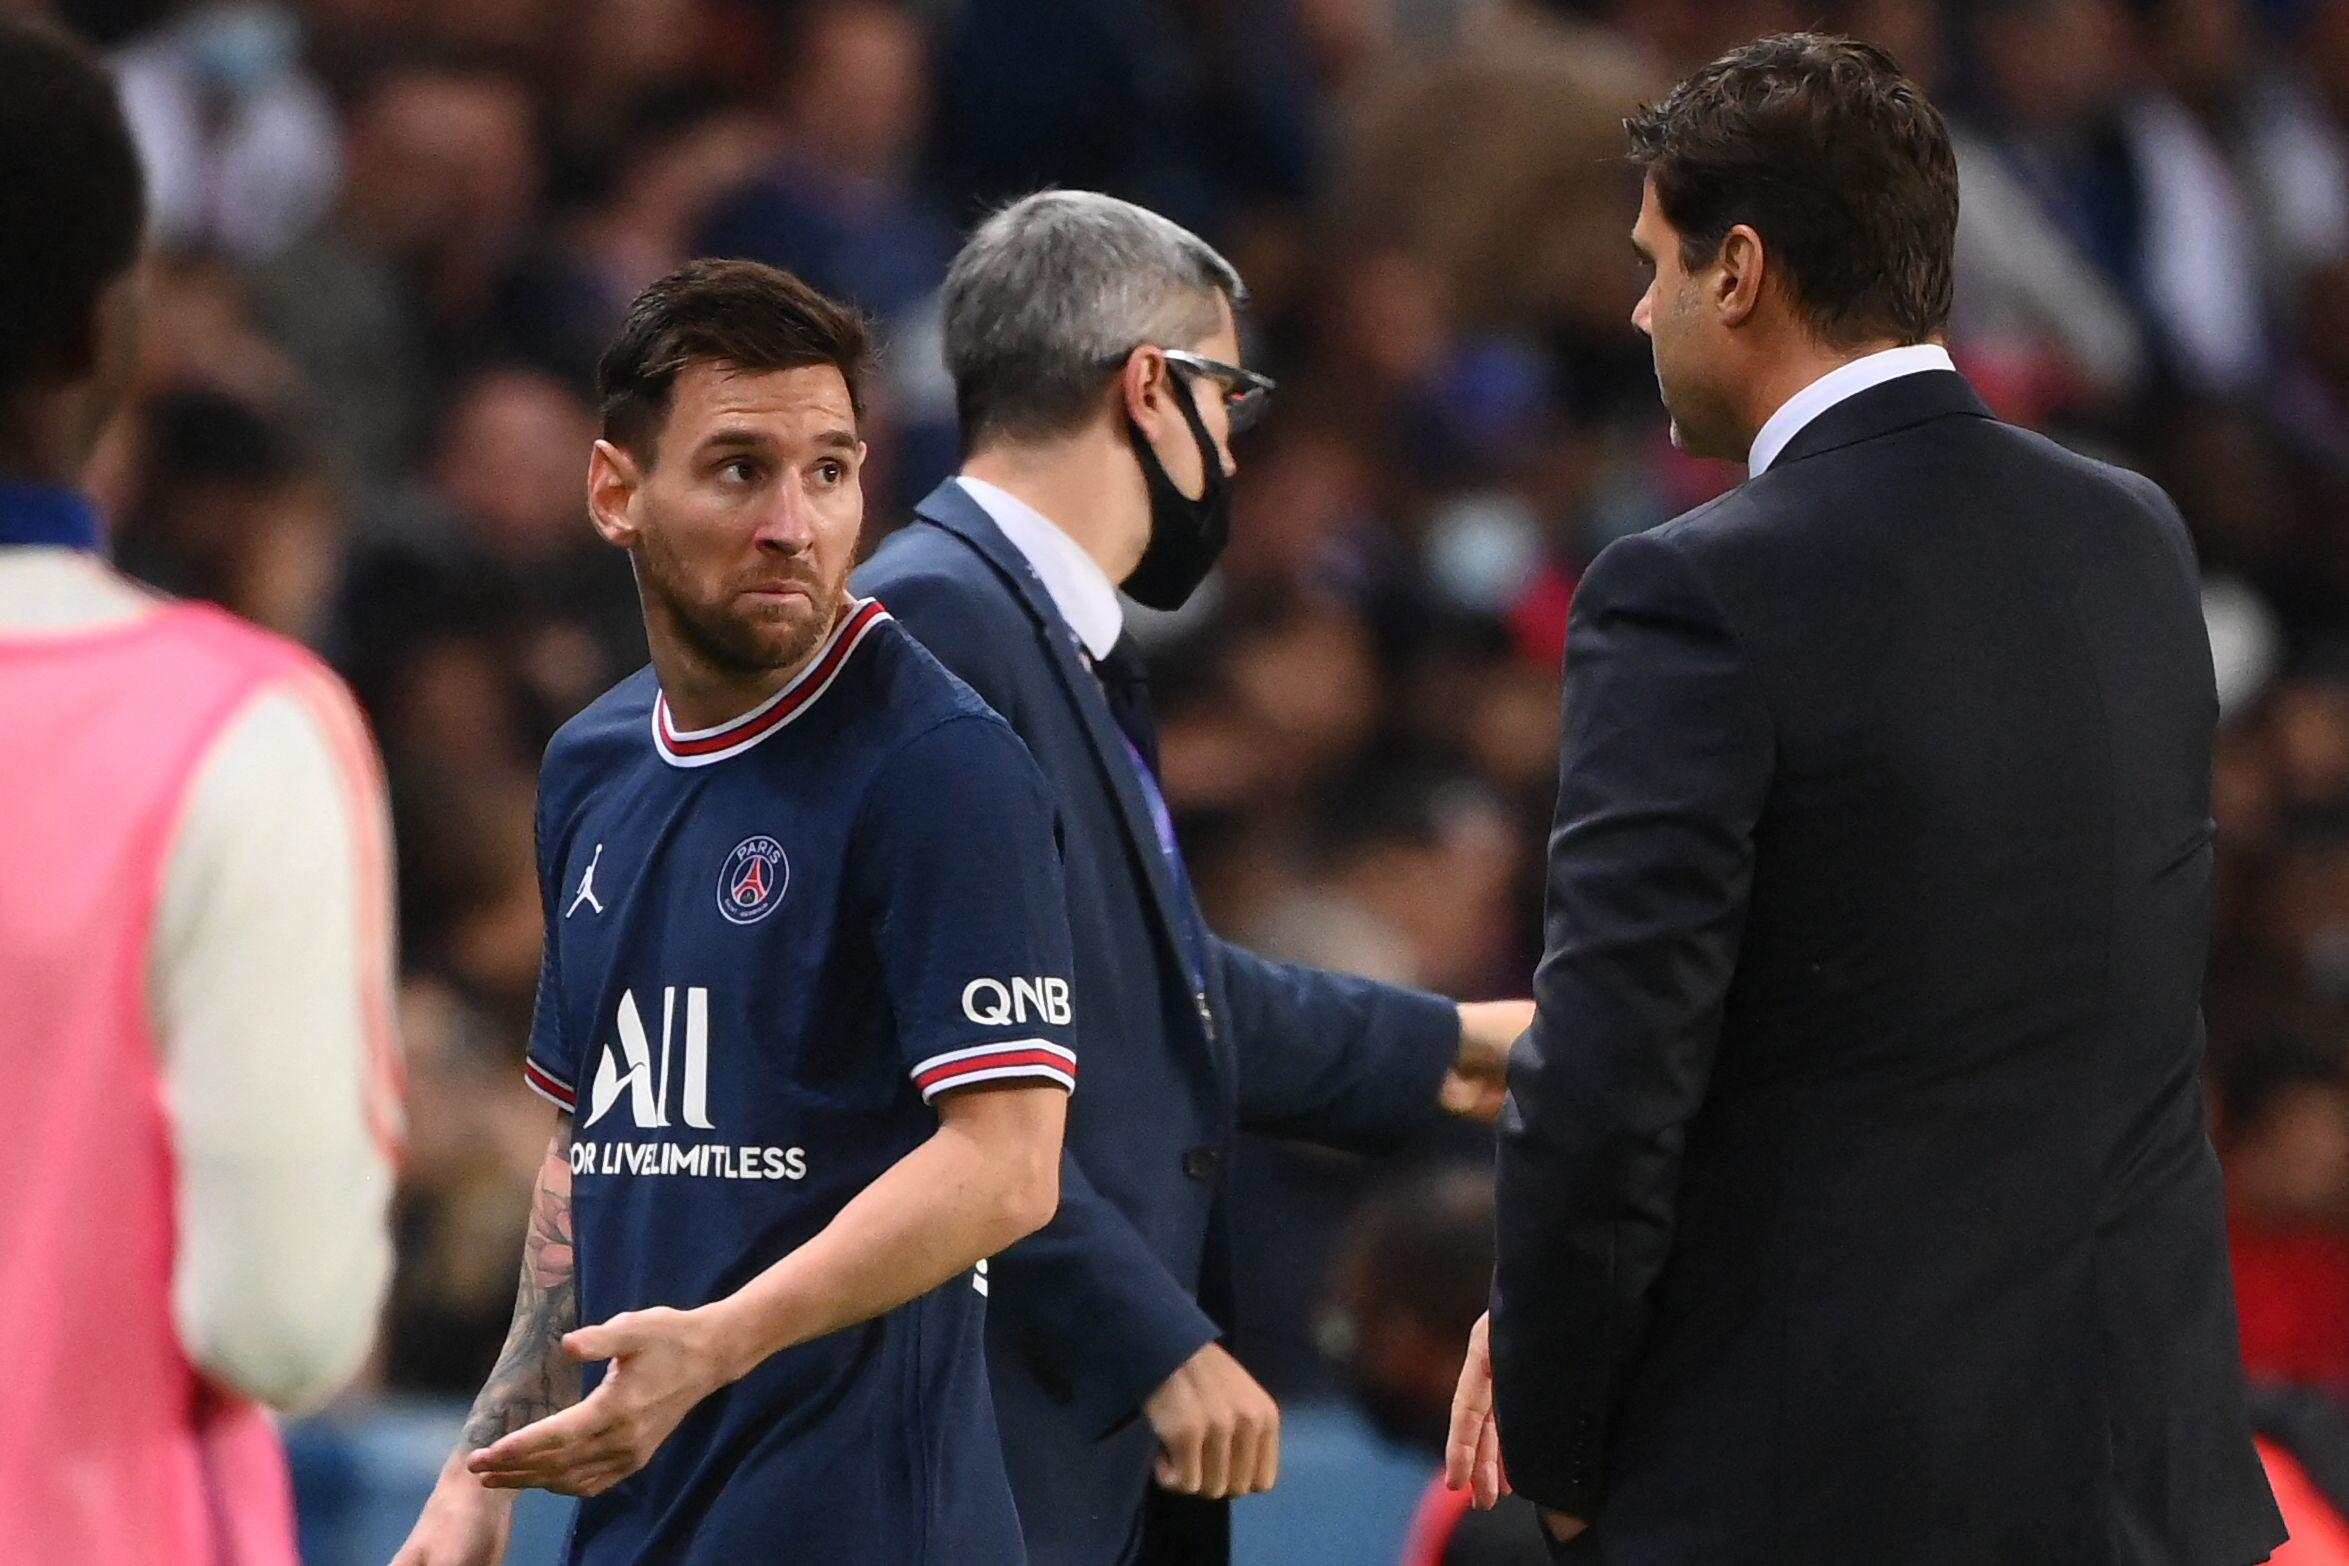 En medio de la polémica por su sustitución por Pochettino, Lionel Messi será retirado del PSG por lesión para el próximo partido de la Ligue 1